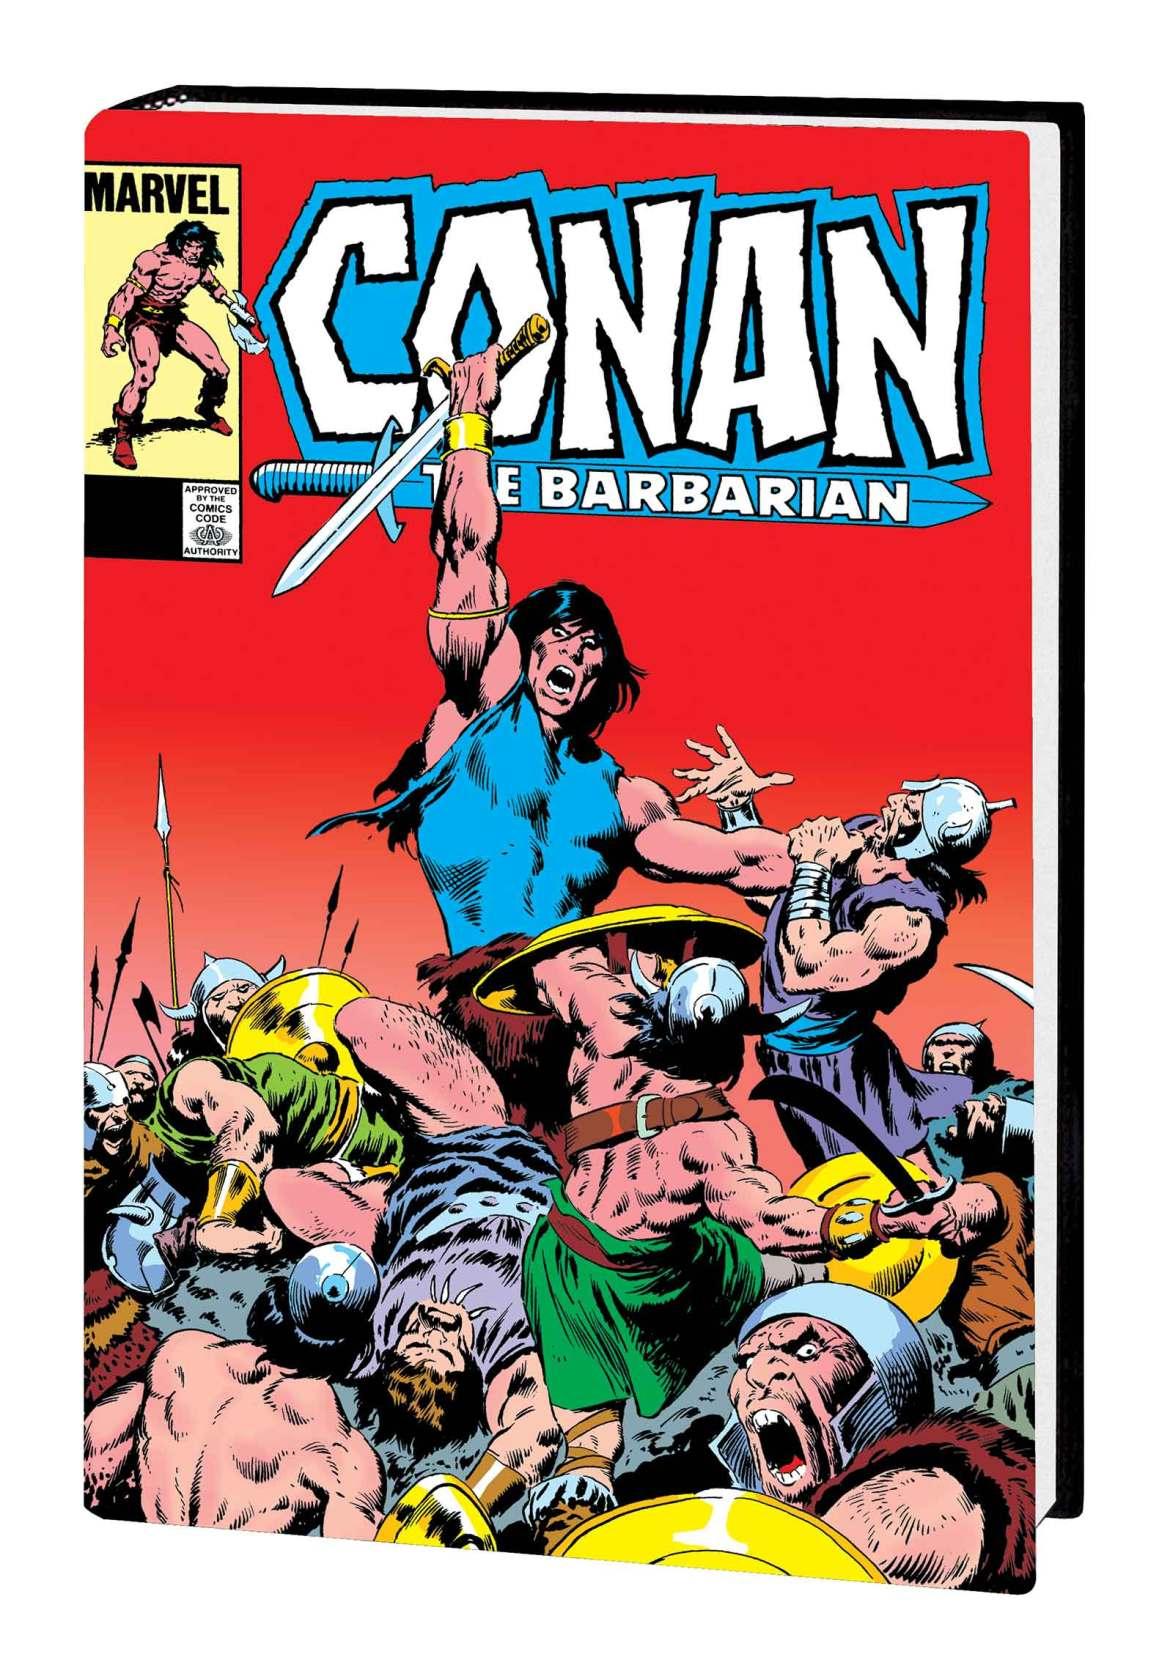 CONANBARB_OMNIV06HC_BUSCEMA Marvel Comics May 2021 Solicitations